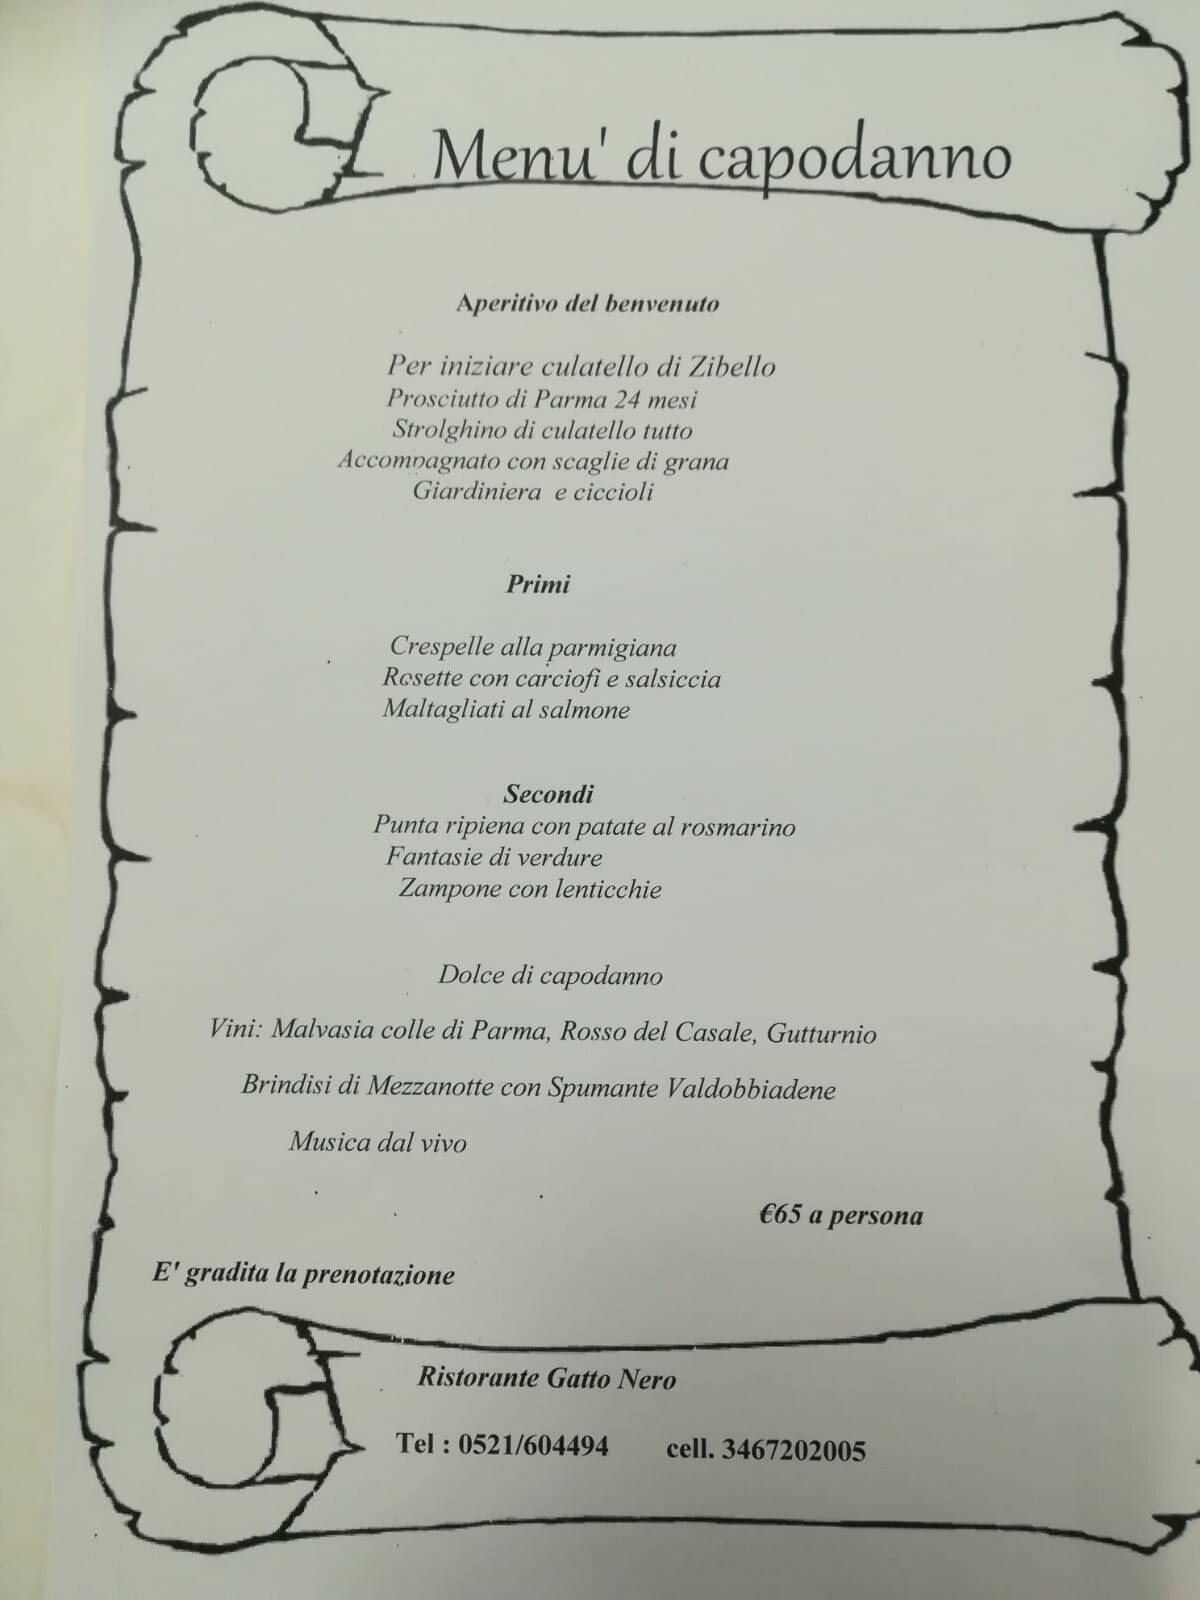 Ultimo dell'anno al ristorante Gatto Nero